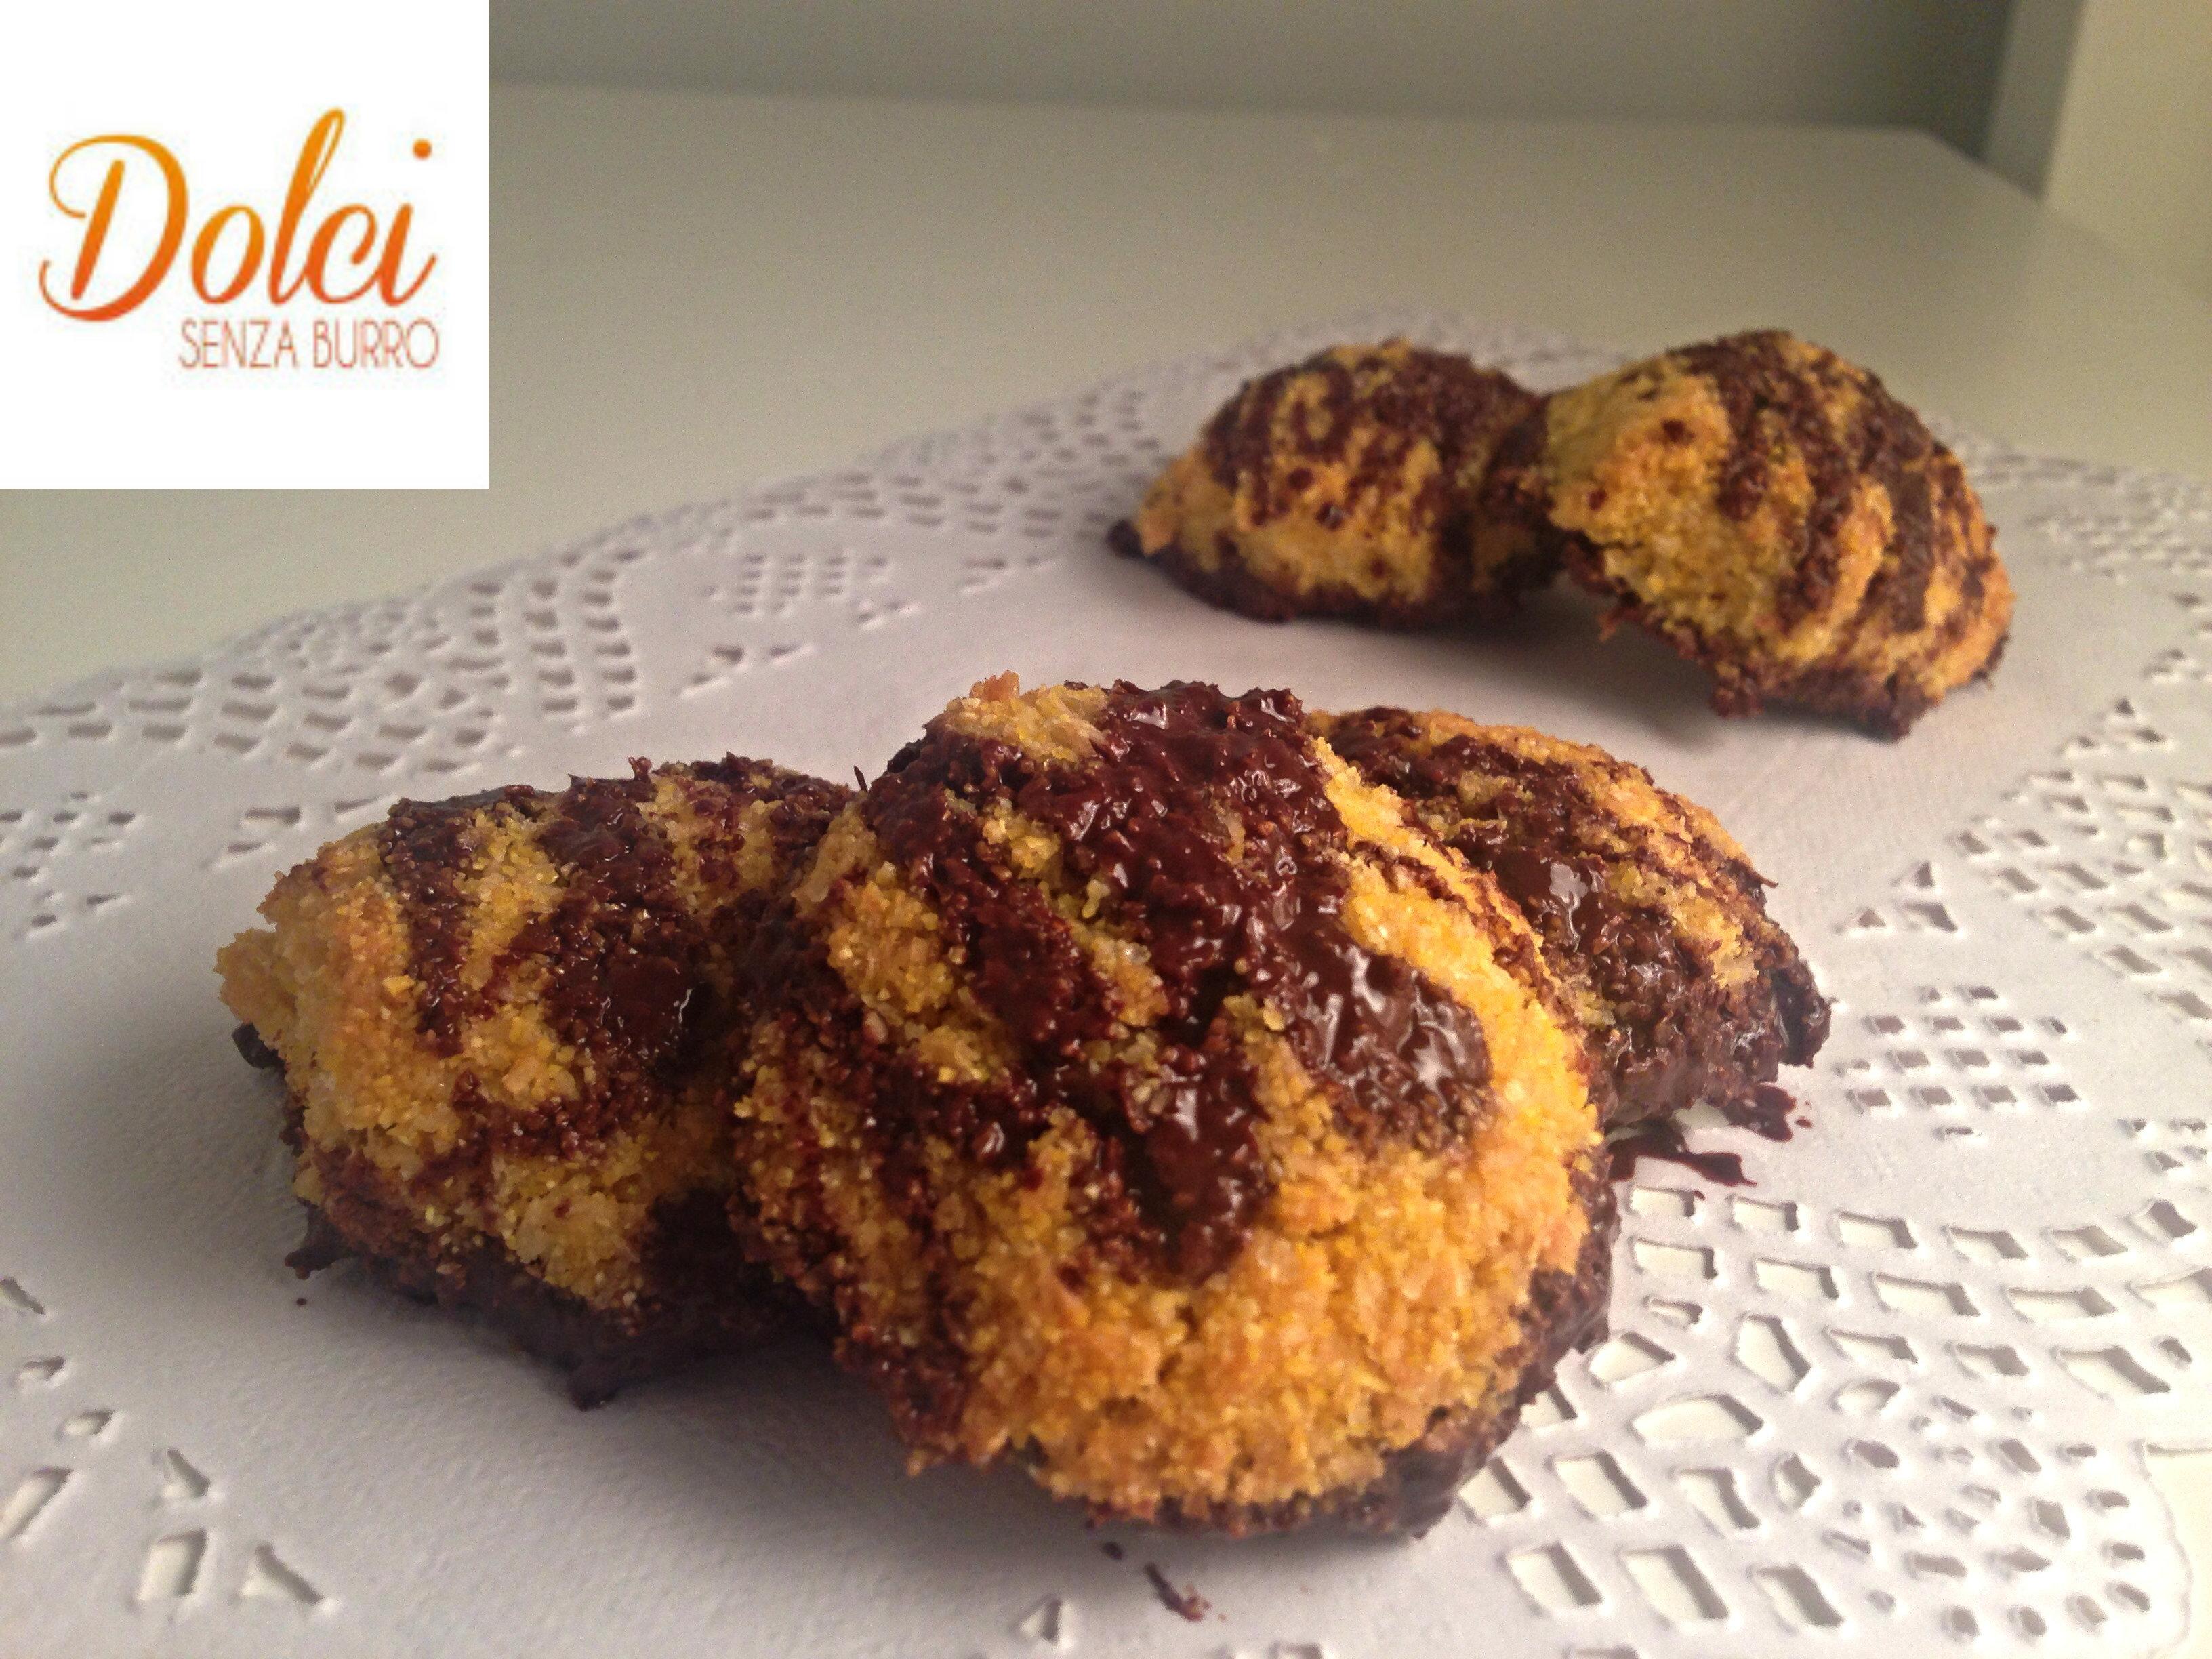 Biscotti al Cocco e Cioccolato Senza Burro un goloso biscotto di dolci senza burro